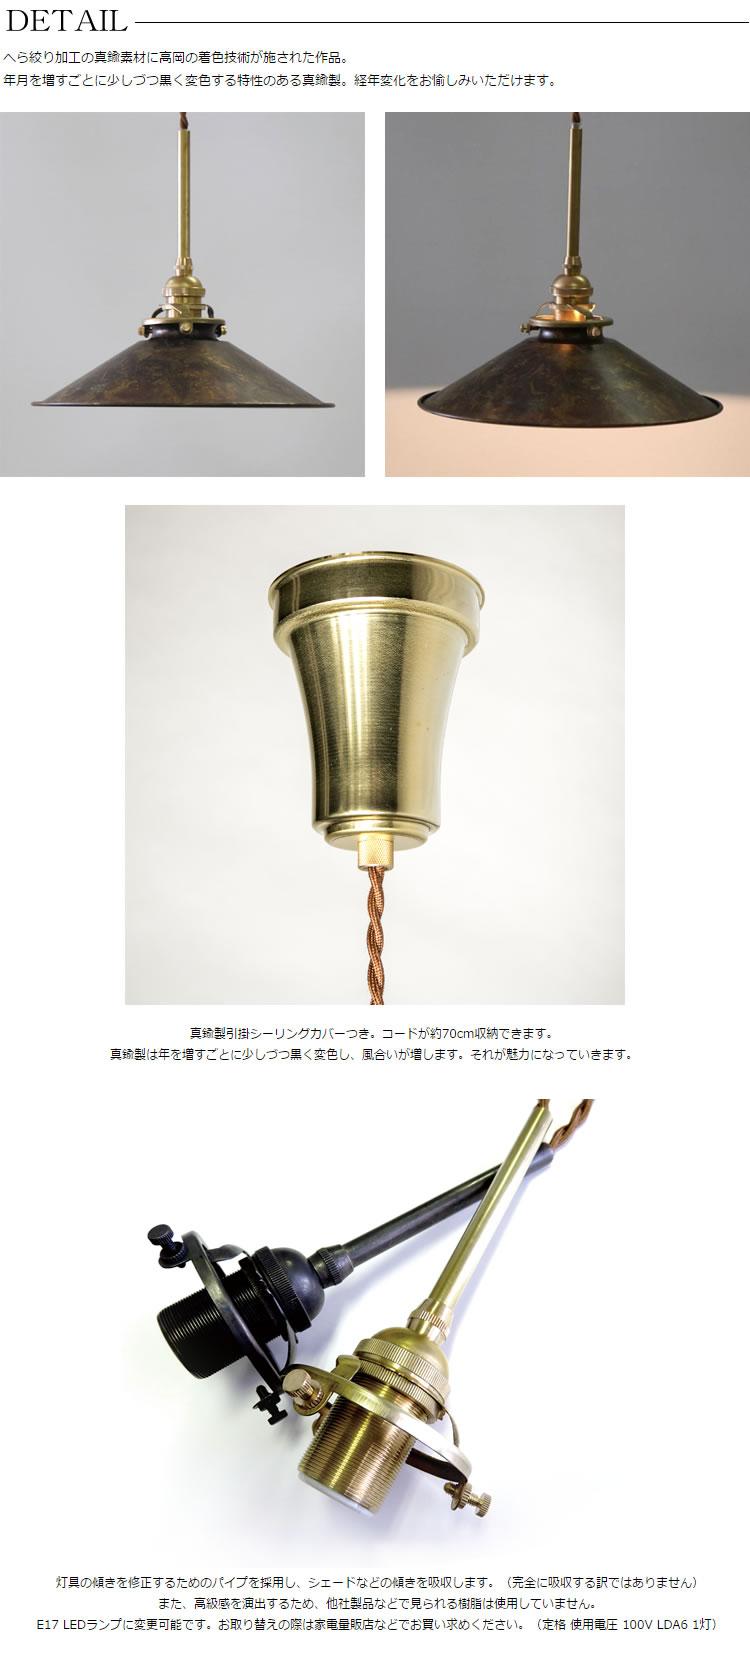 KASA~KIOKU~孔雀(斑紋孔雀色・引掛・真鍮)